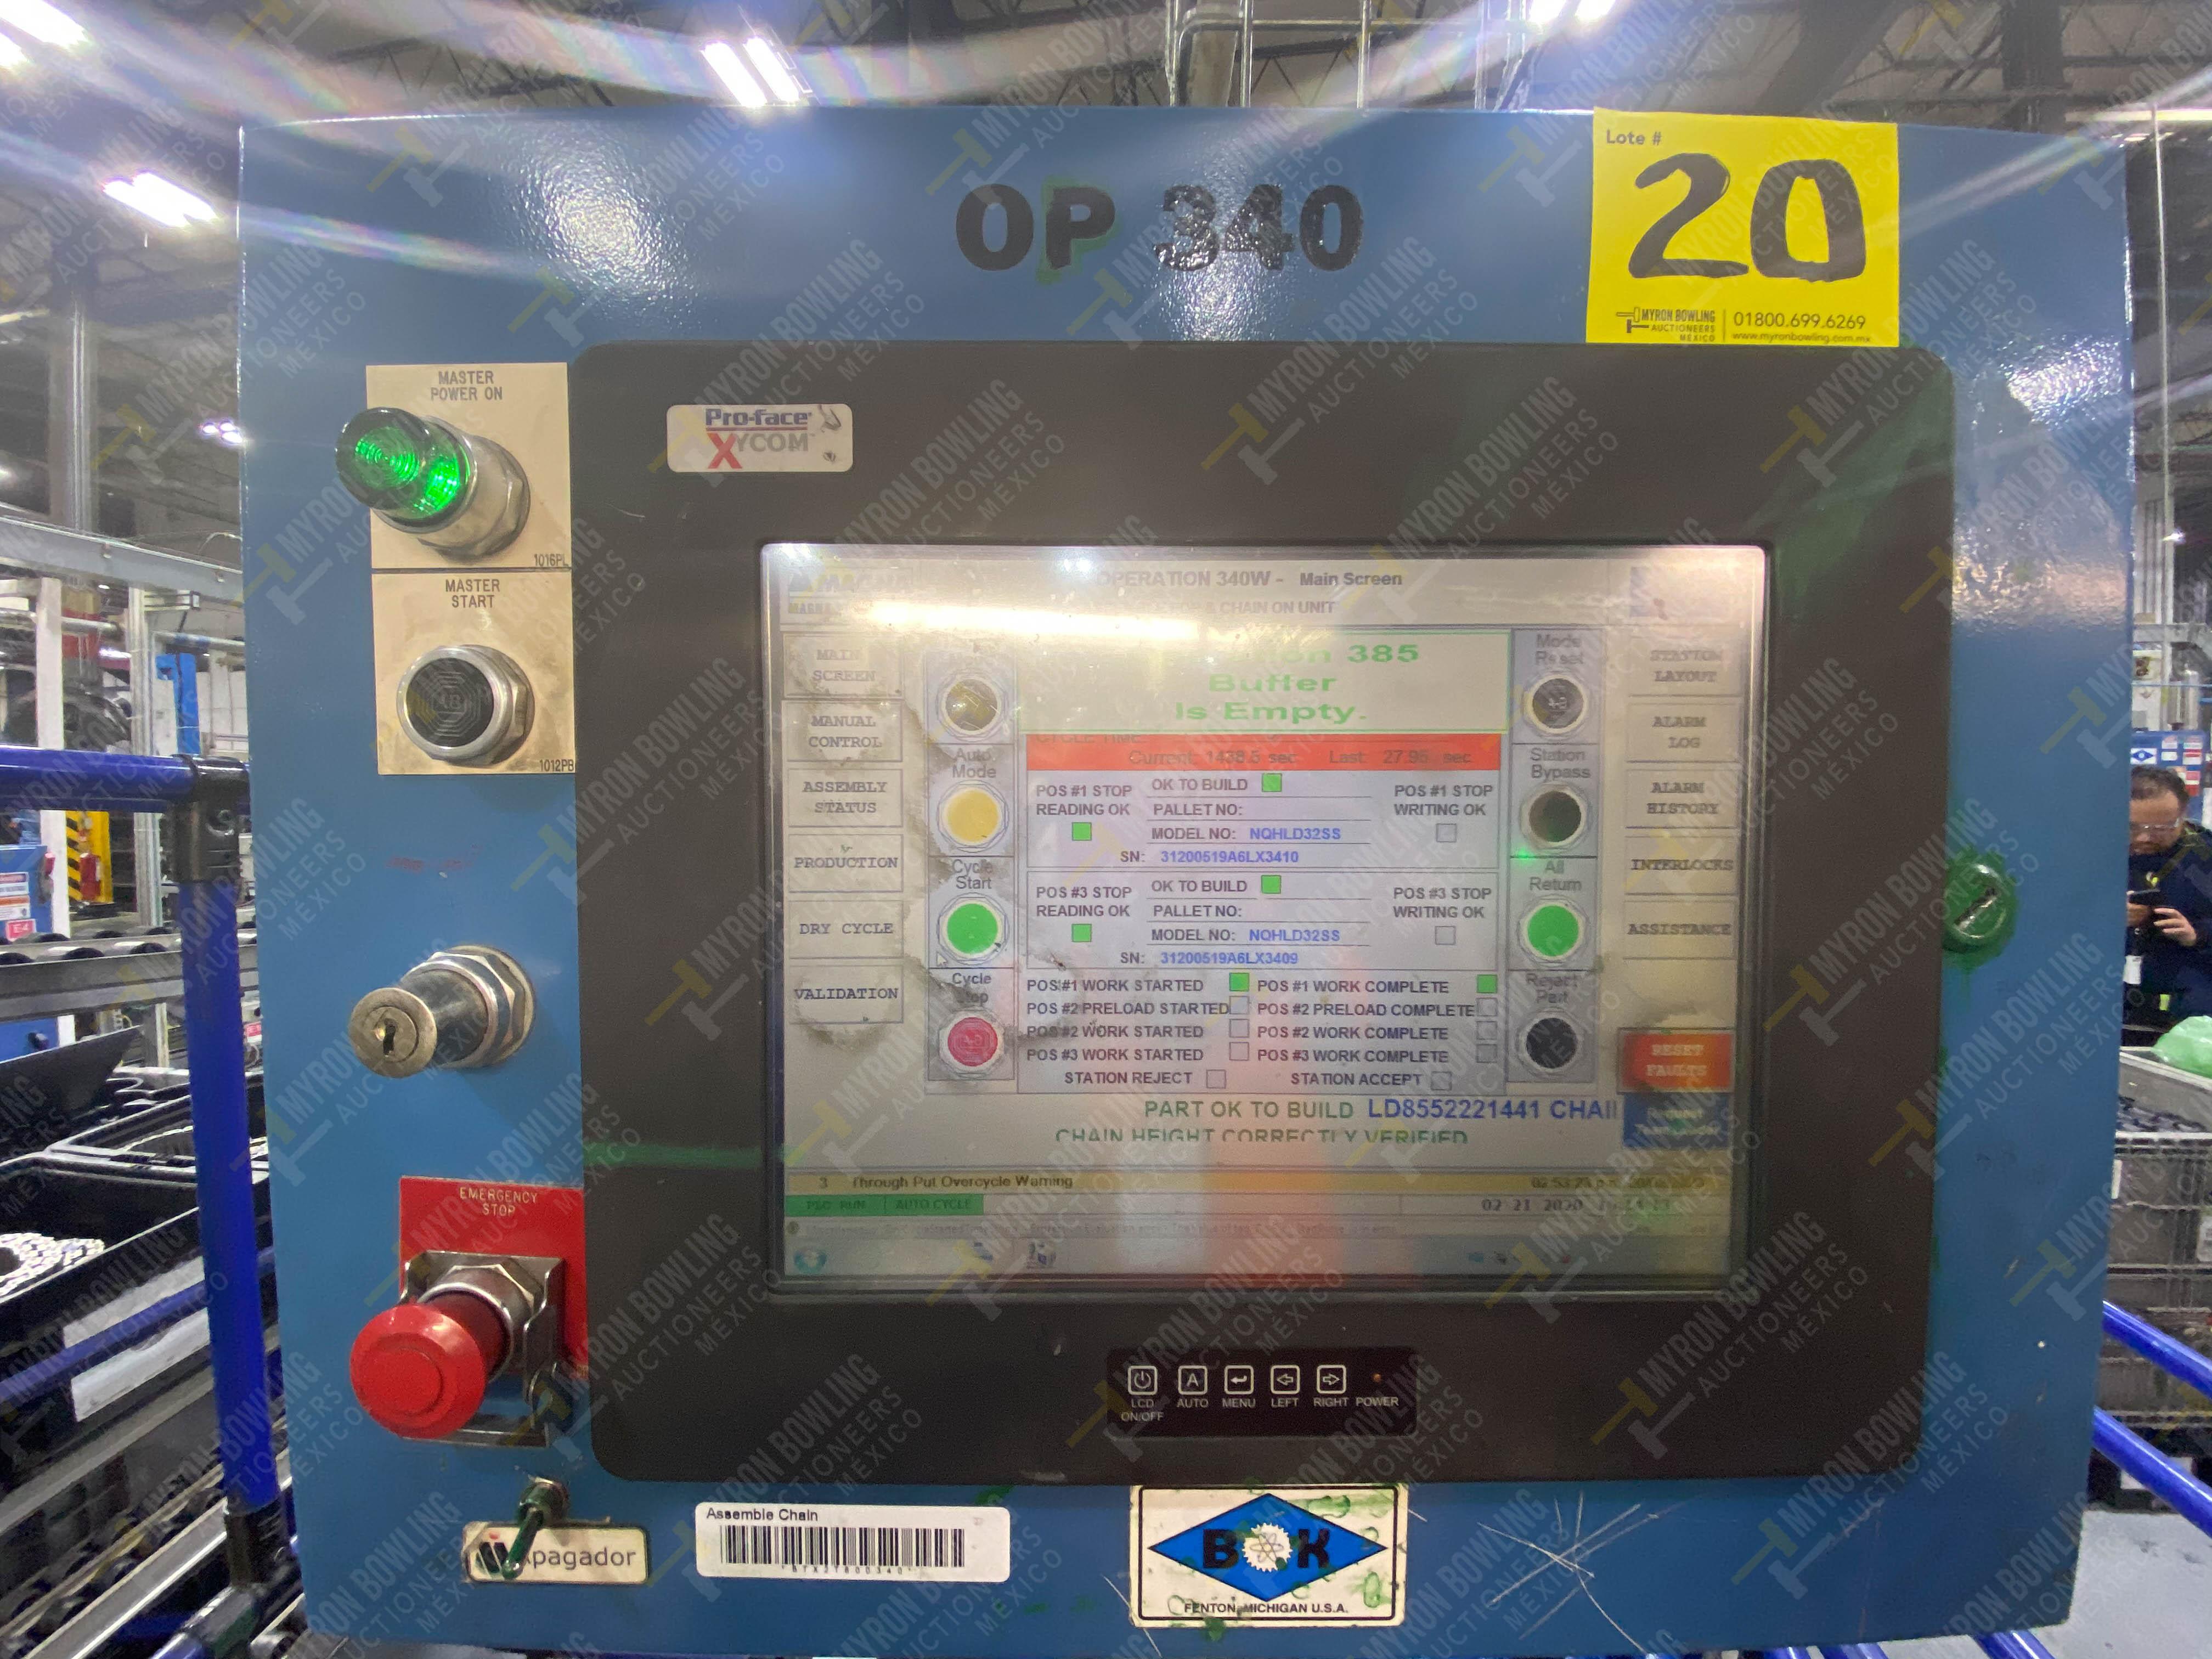 Estación semiautomática para operación 340, contiene: Prensa en estructura de placa de acero - Image 30 of 32